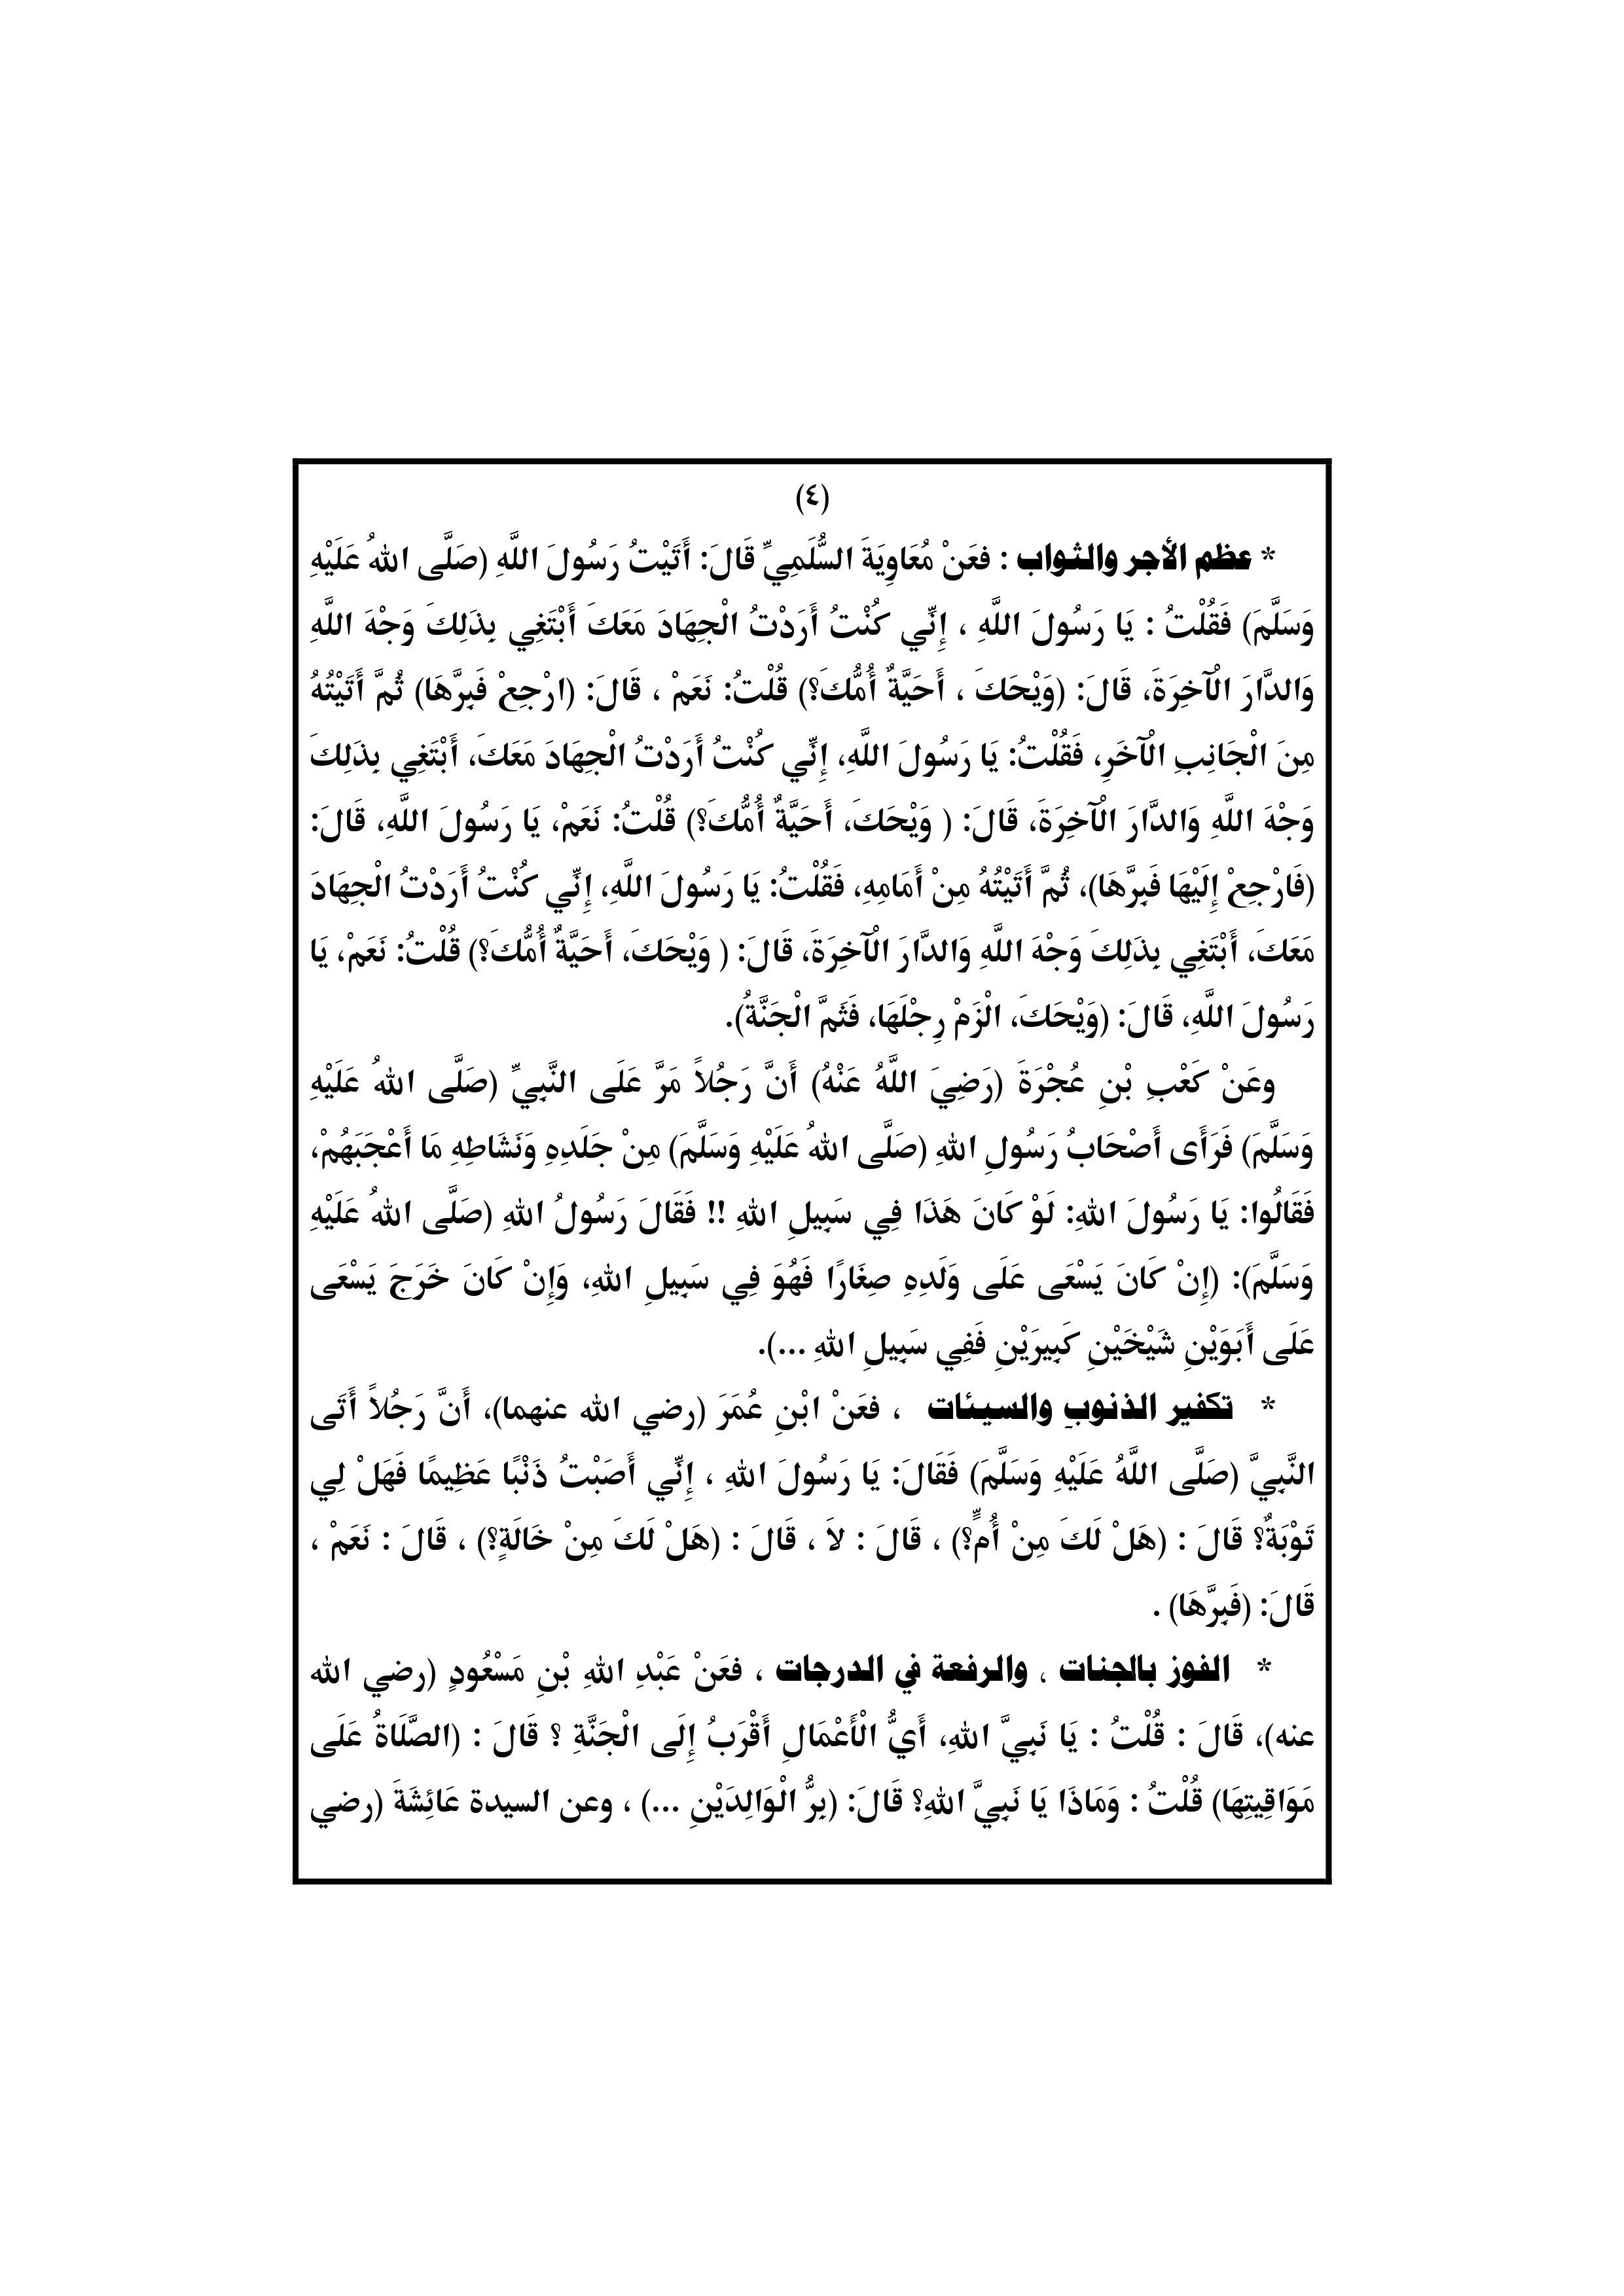 خطبة الجمعة وزارة الأوقاف ، خطبة الجمعة 15 مارس 2019، خطبة الجمعة 15/3/2019